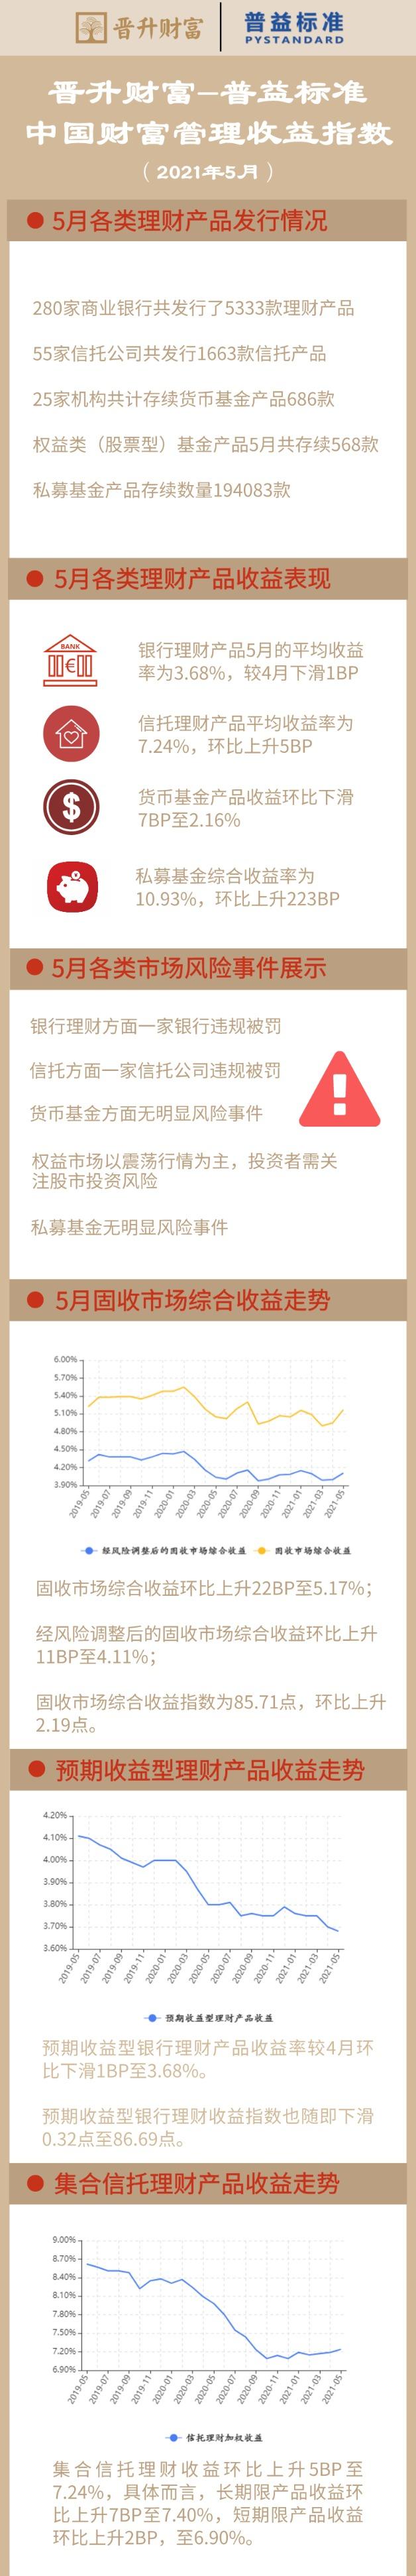 5月固收市场综合收益、权益类市场收益指数继续提升